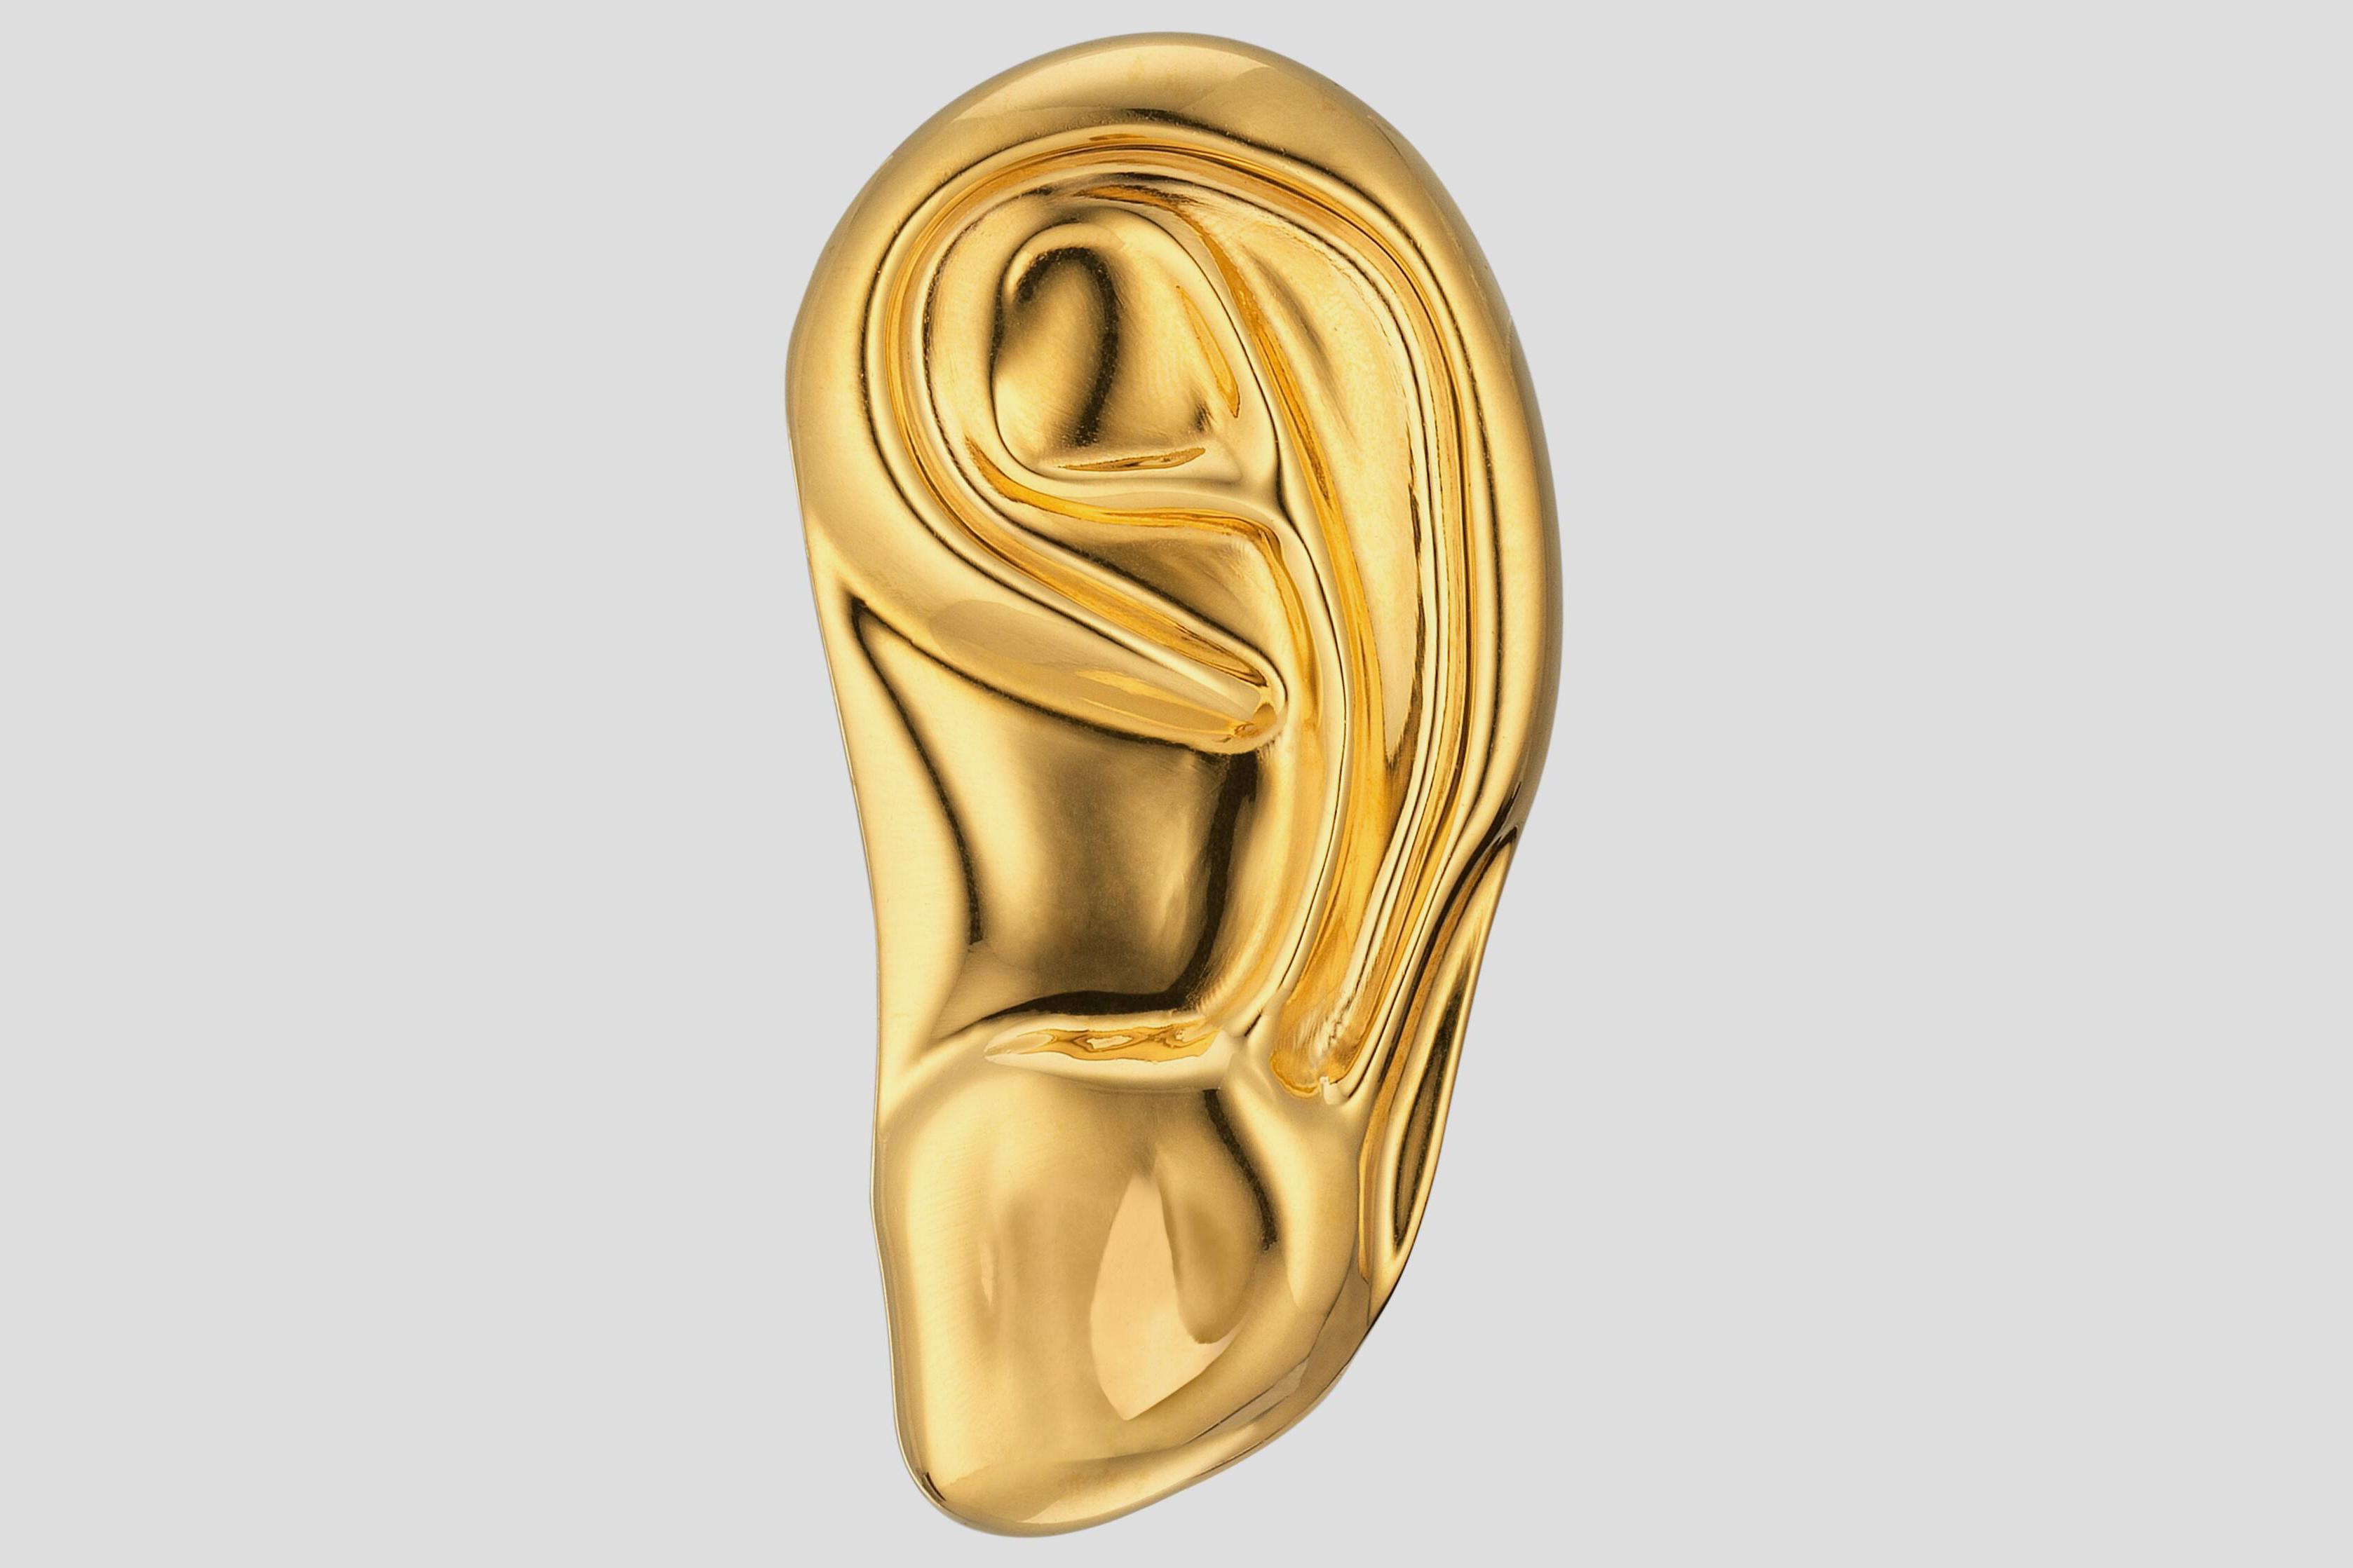 Metal Left Ear Accessory